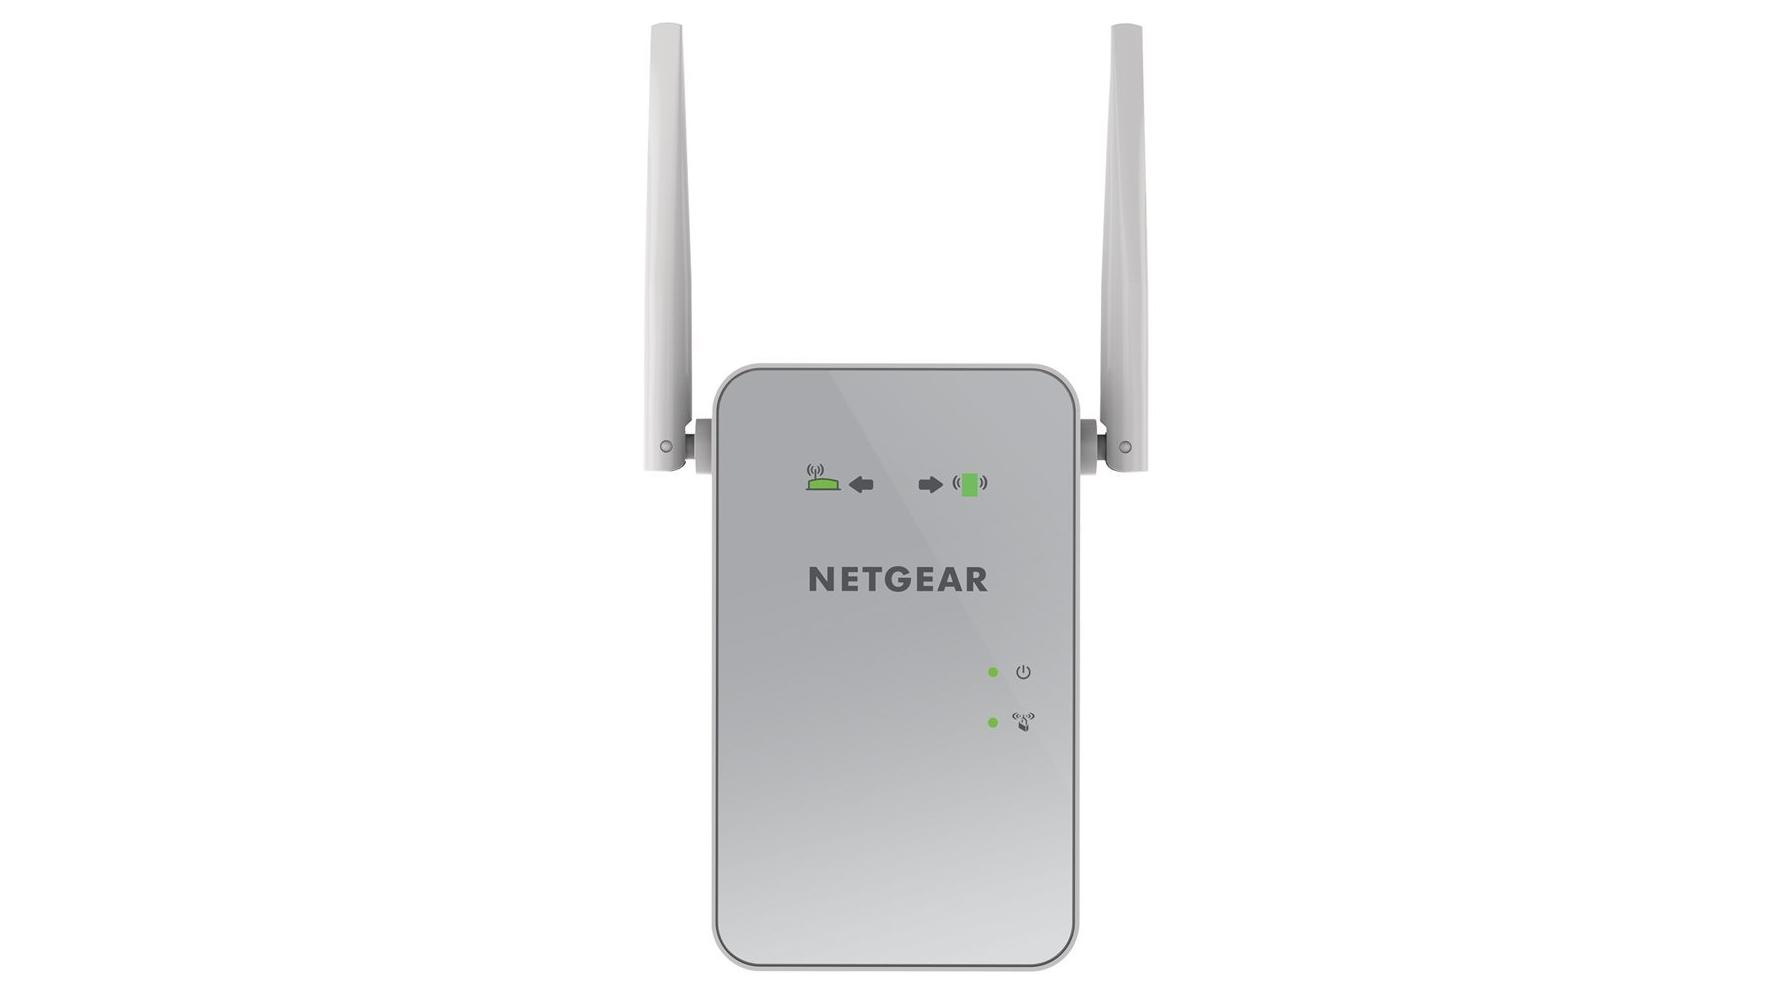 netgear ac1200 range extender instructions